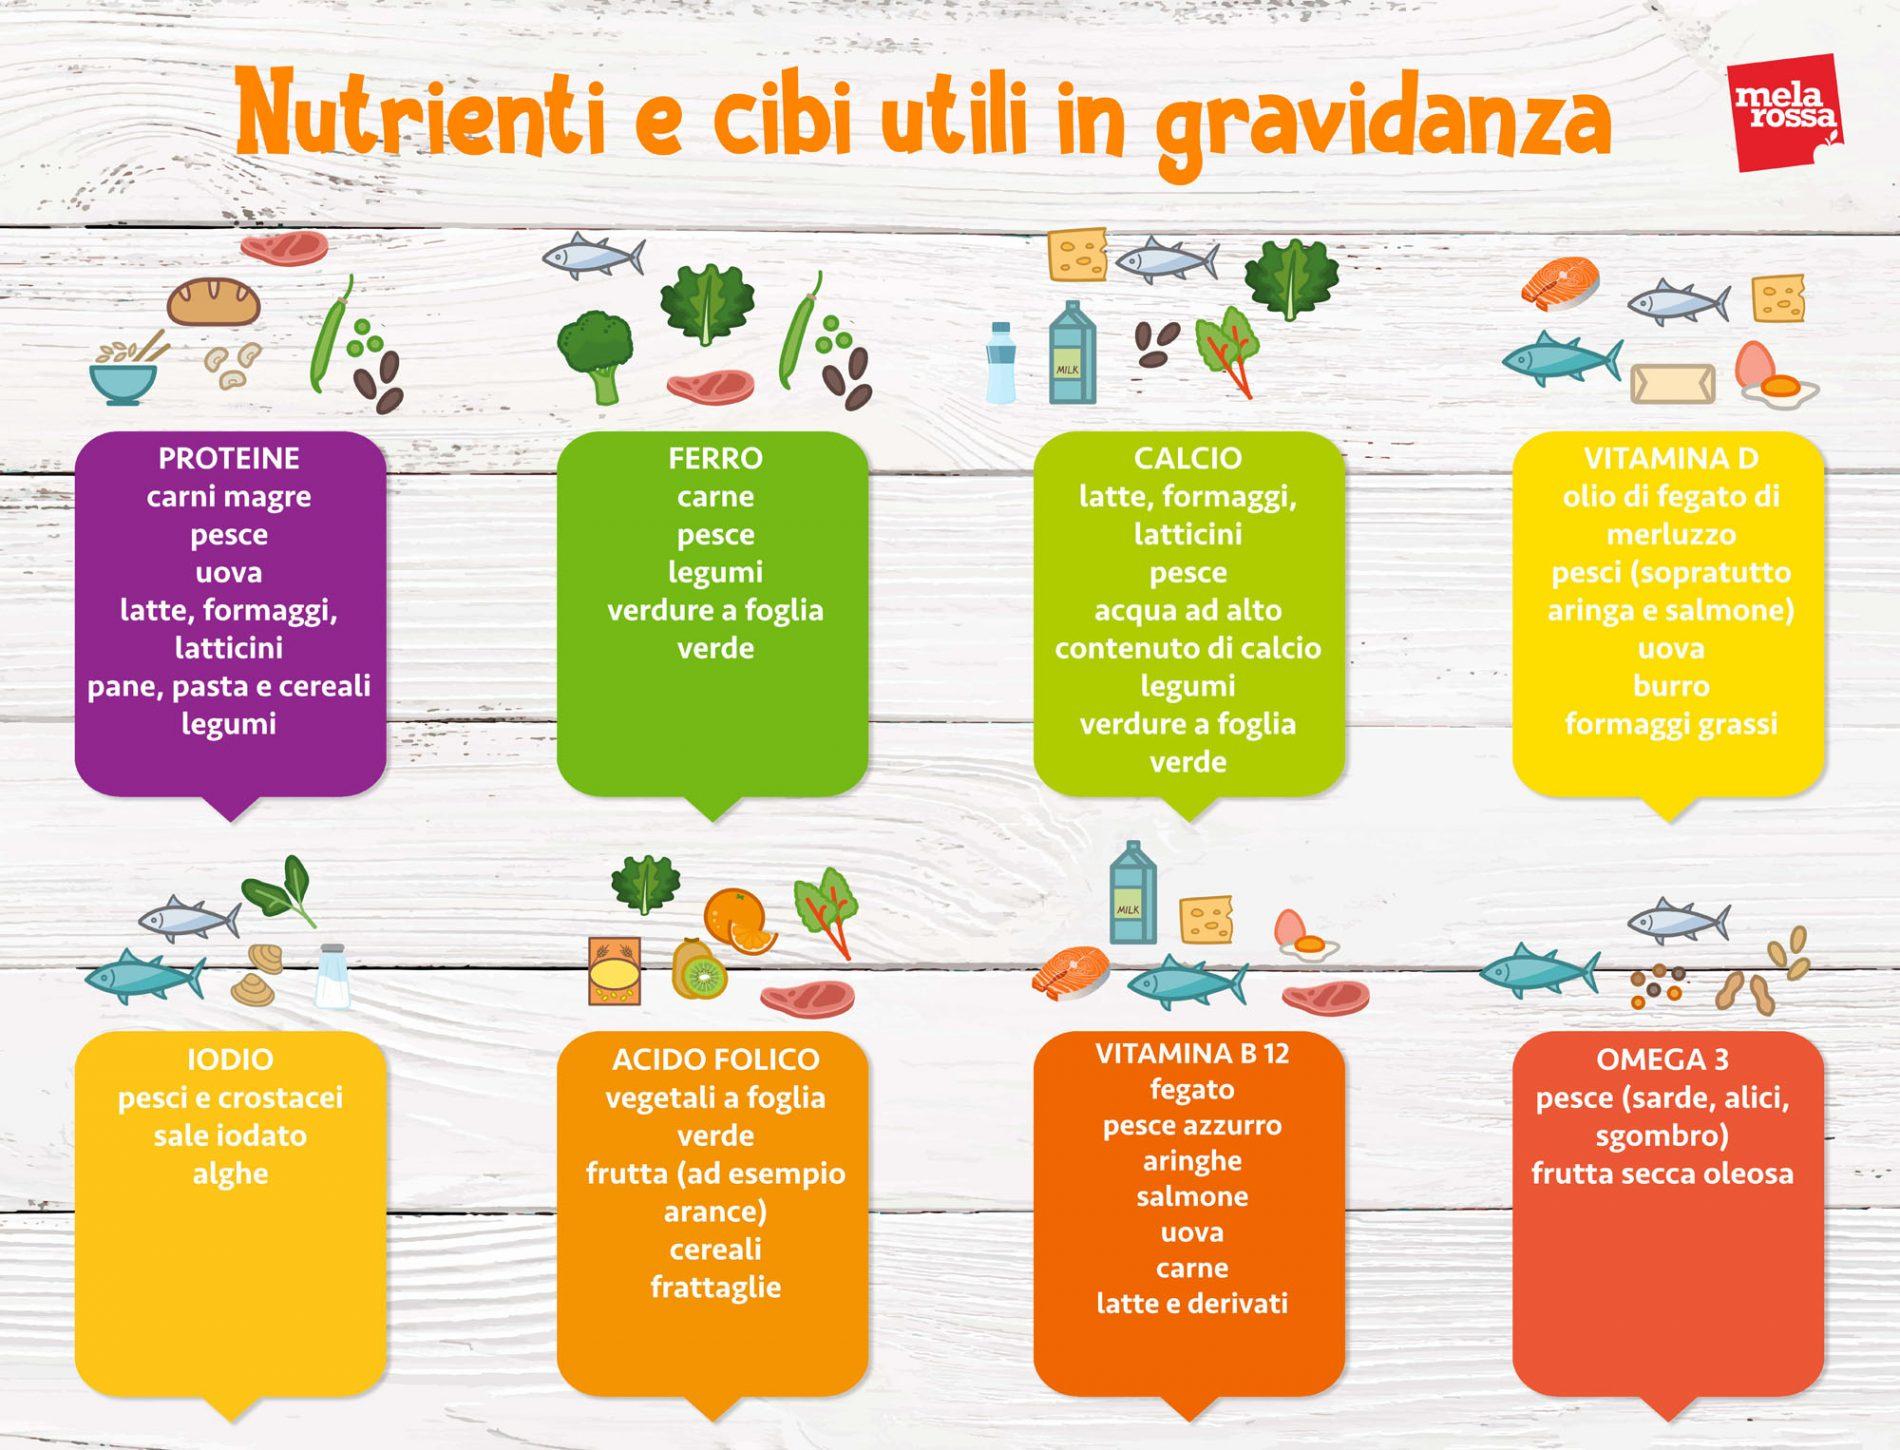 dieta in gravidanza: tabella nutrienti e cibi utili